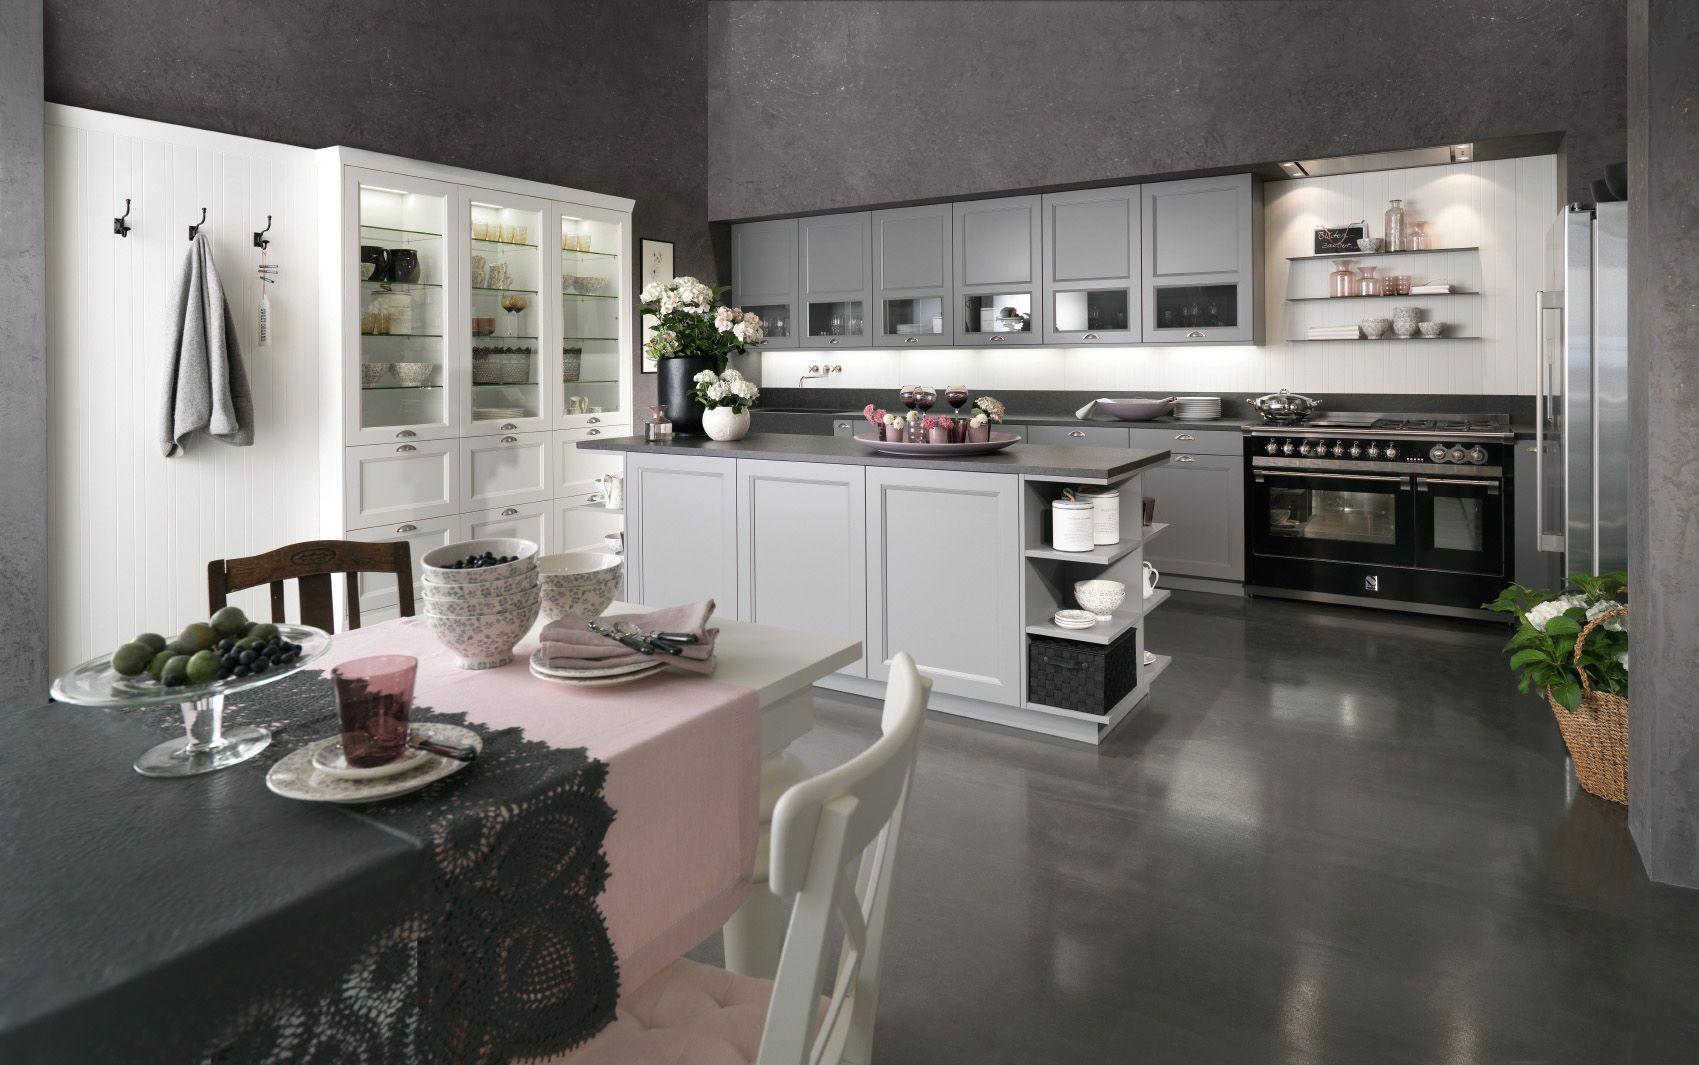 Küche | Landhausstil | offene Wohnküche | Mattlack | Kücheninsel ... | {Kücheninsel landhausstil 36}